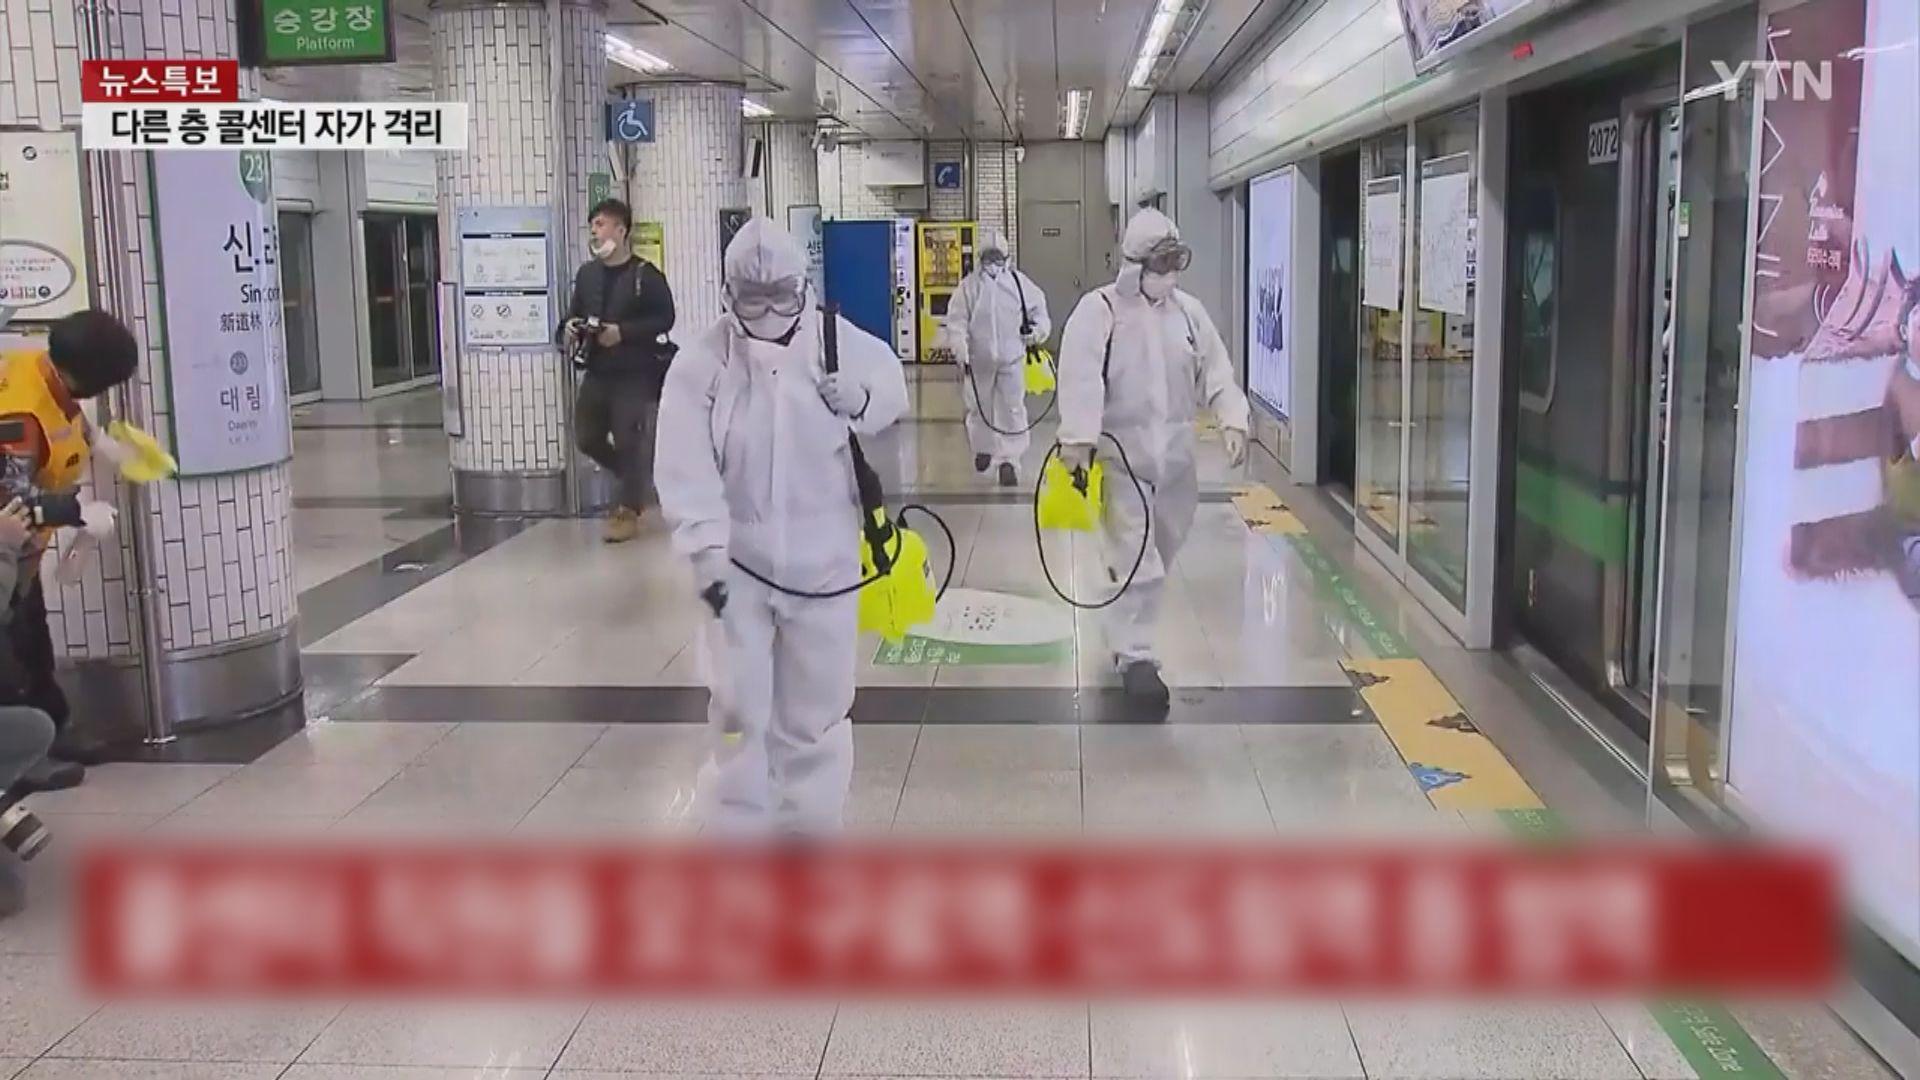 首爾地鐵線人流量極大 外界憂疫情在社區擴散